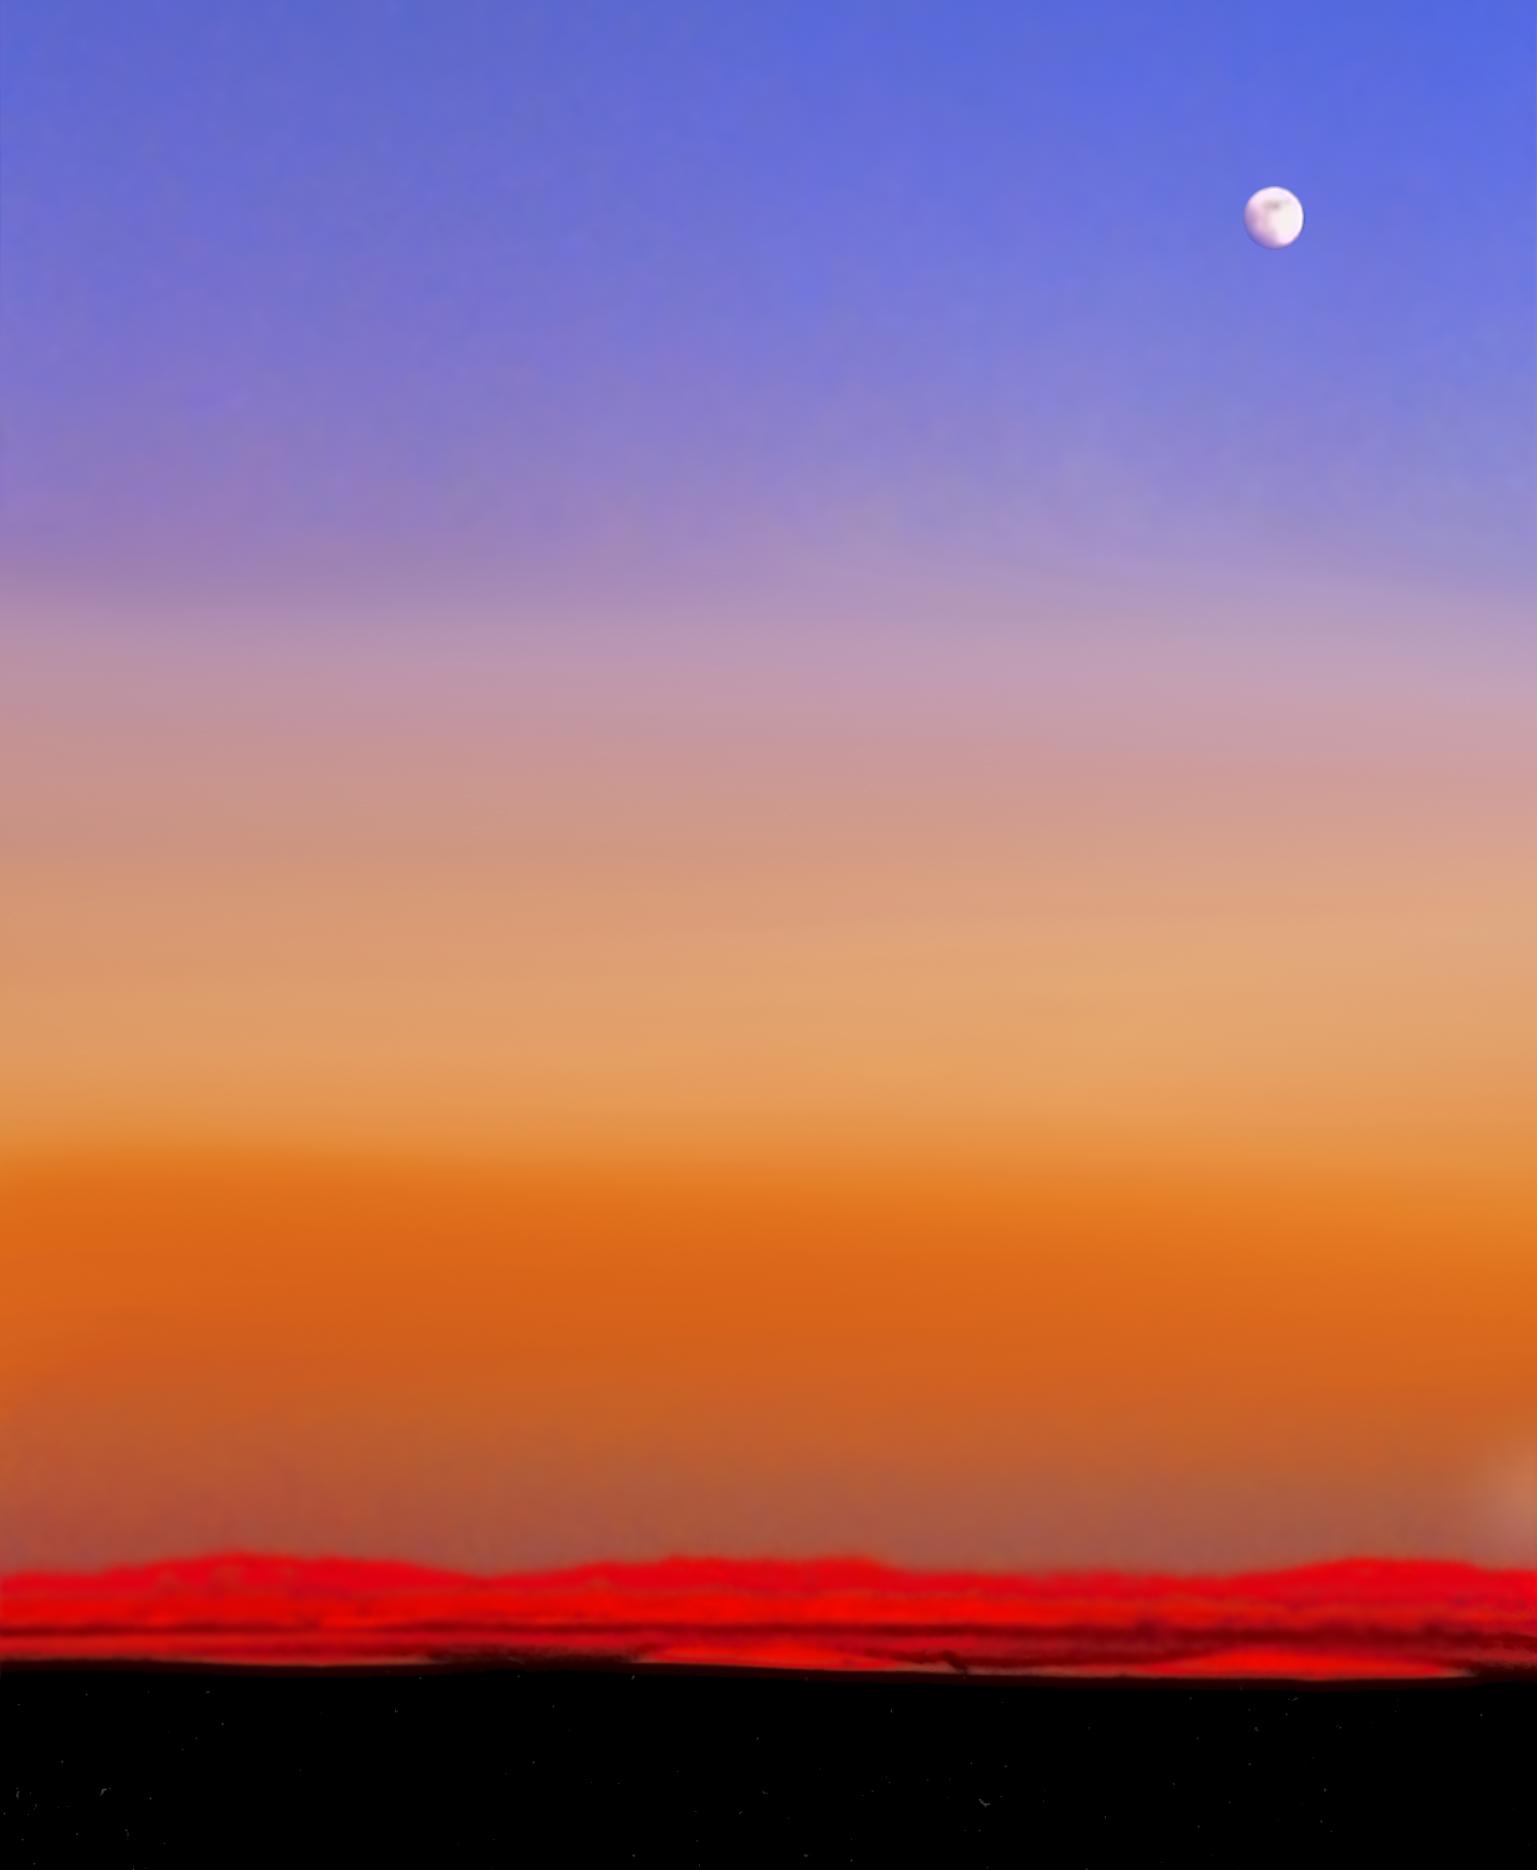 Red dunes, Black, Blue, Bspo06, Colors, HQ Photo